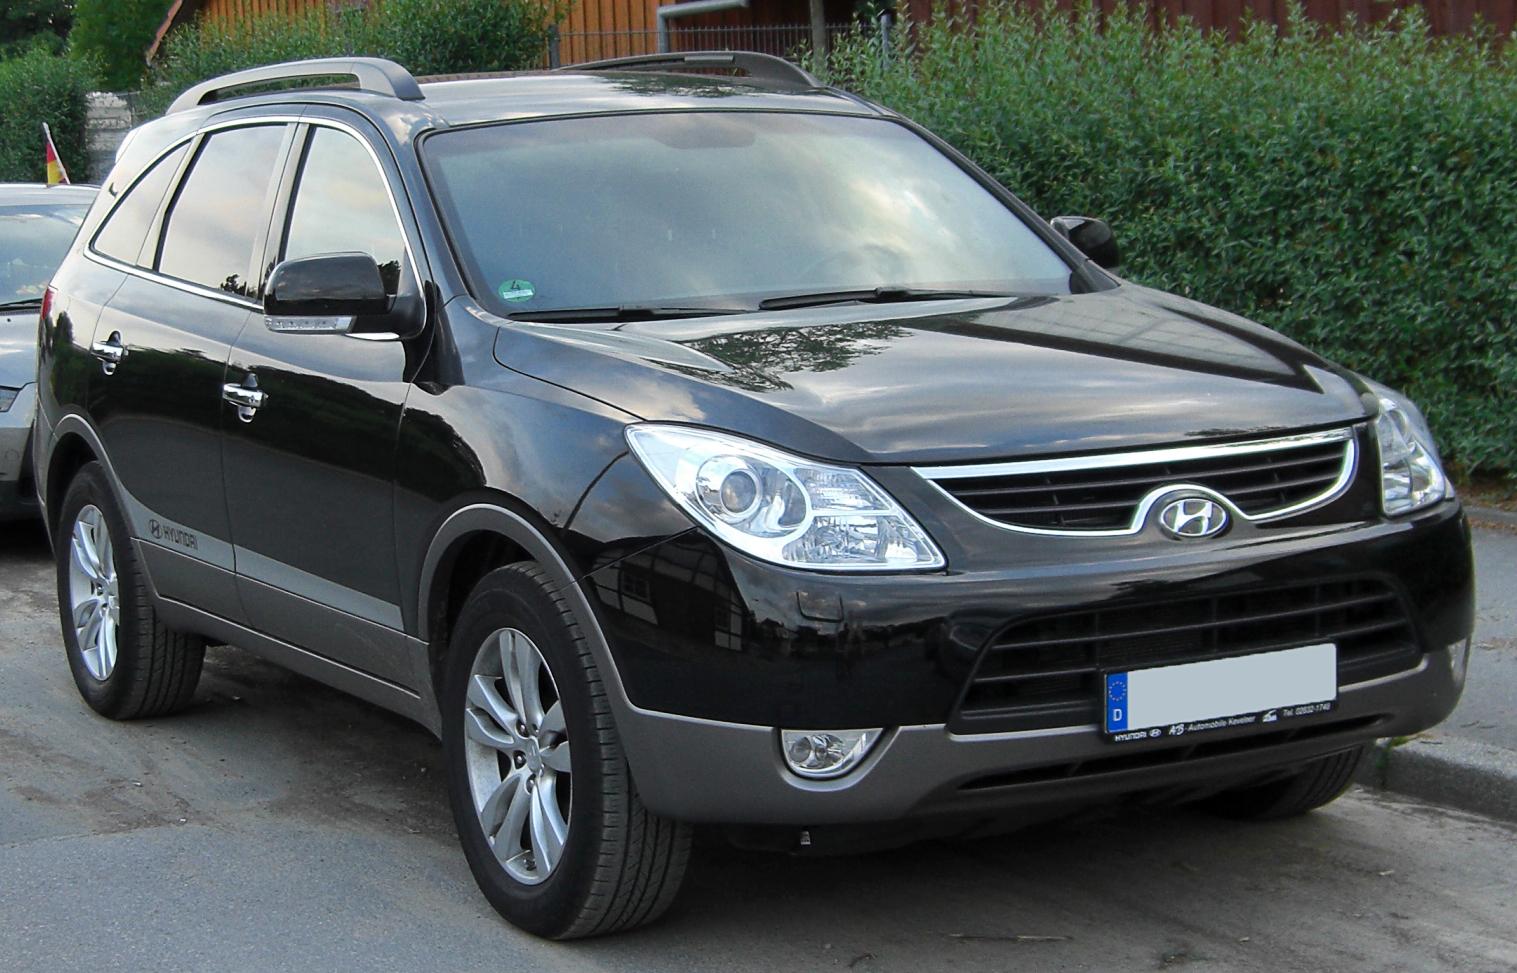 hyundai ix55 чёрный.